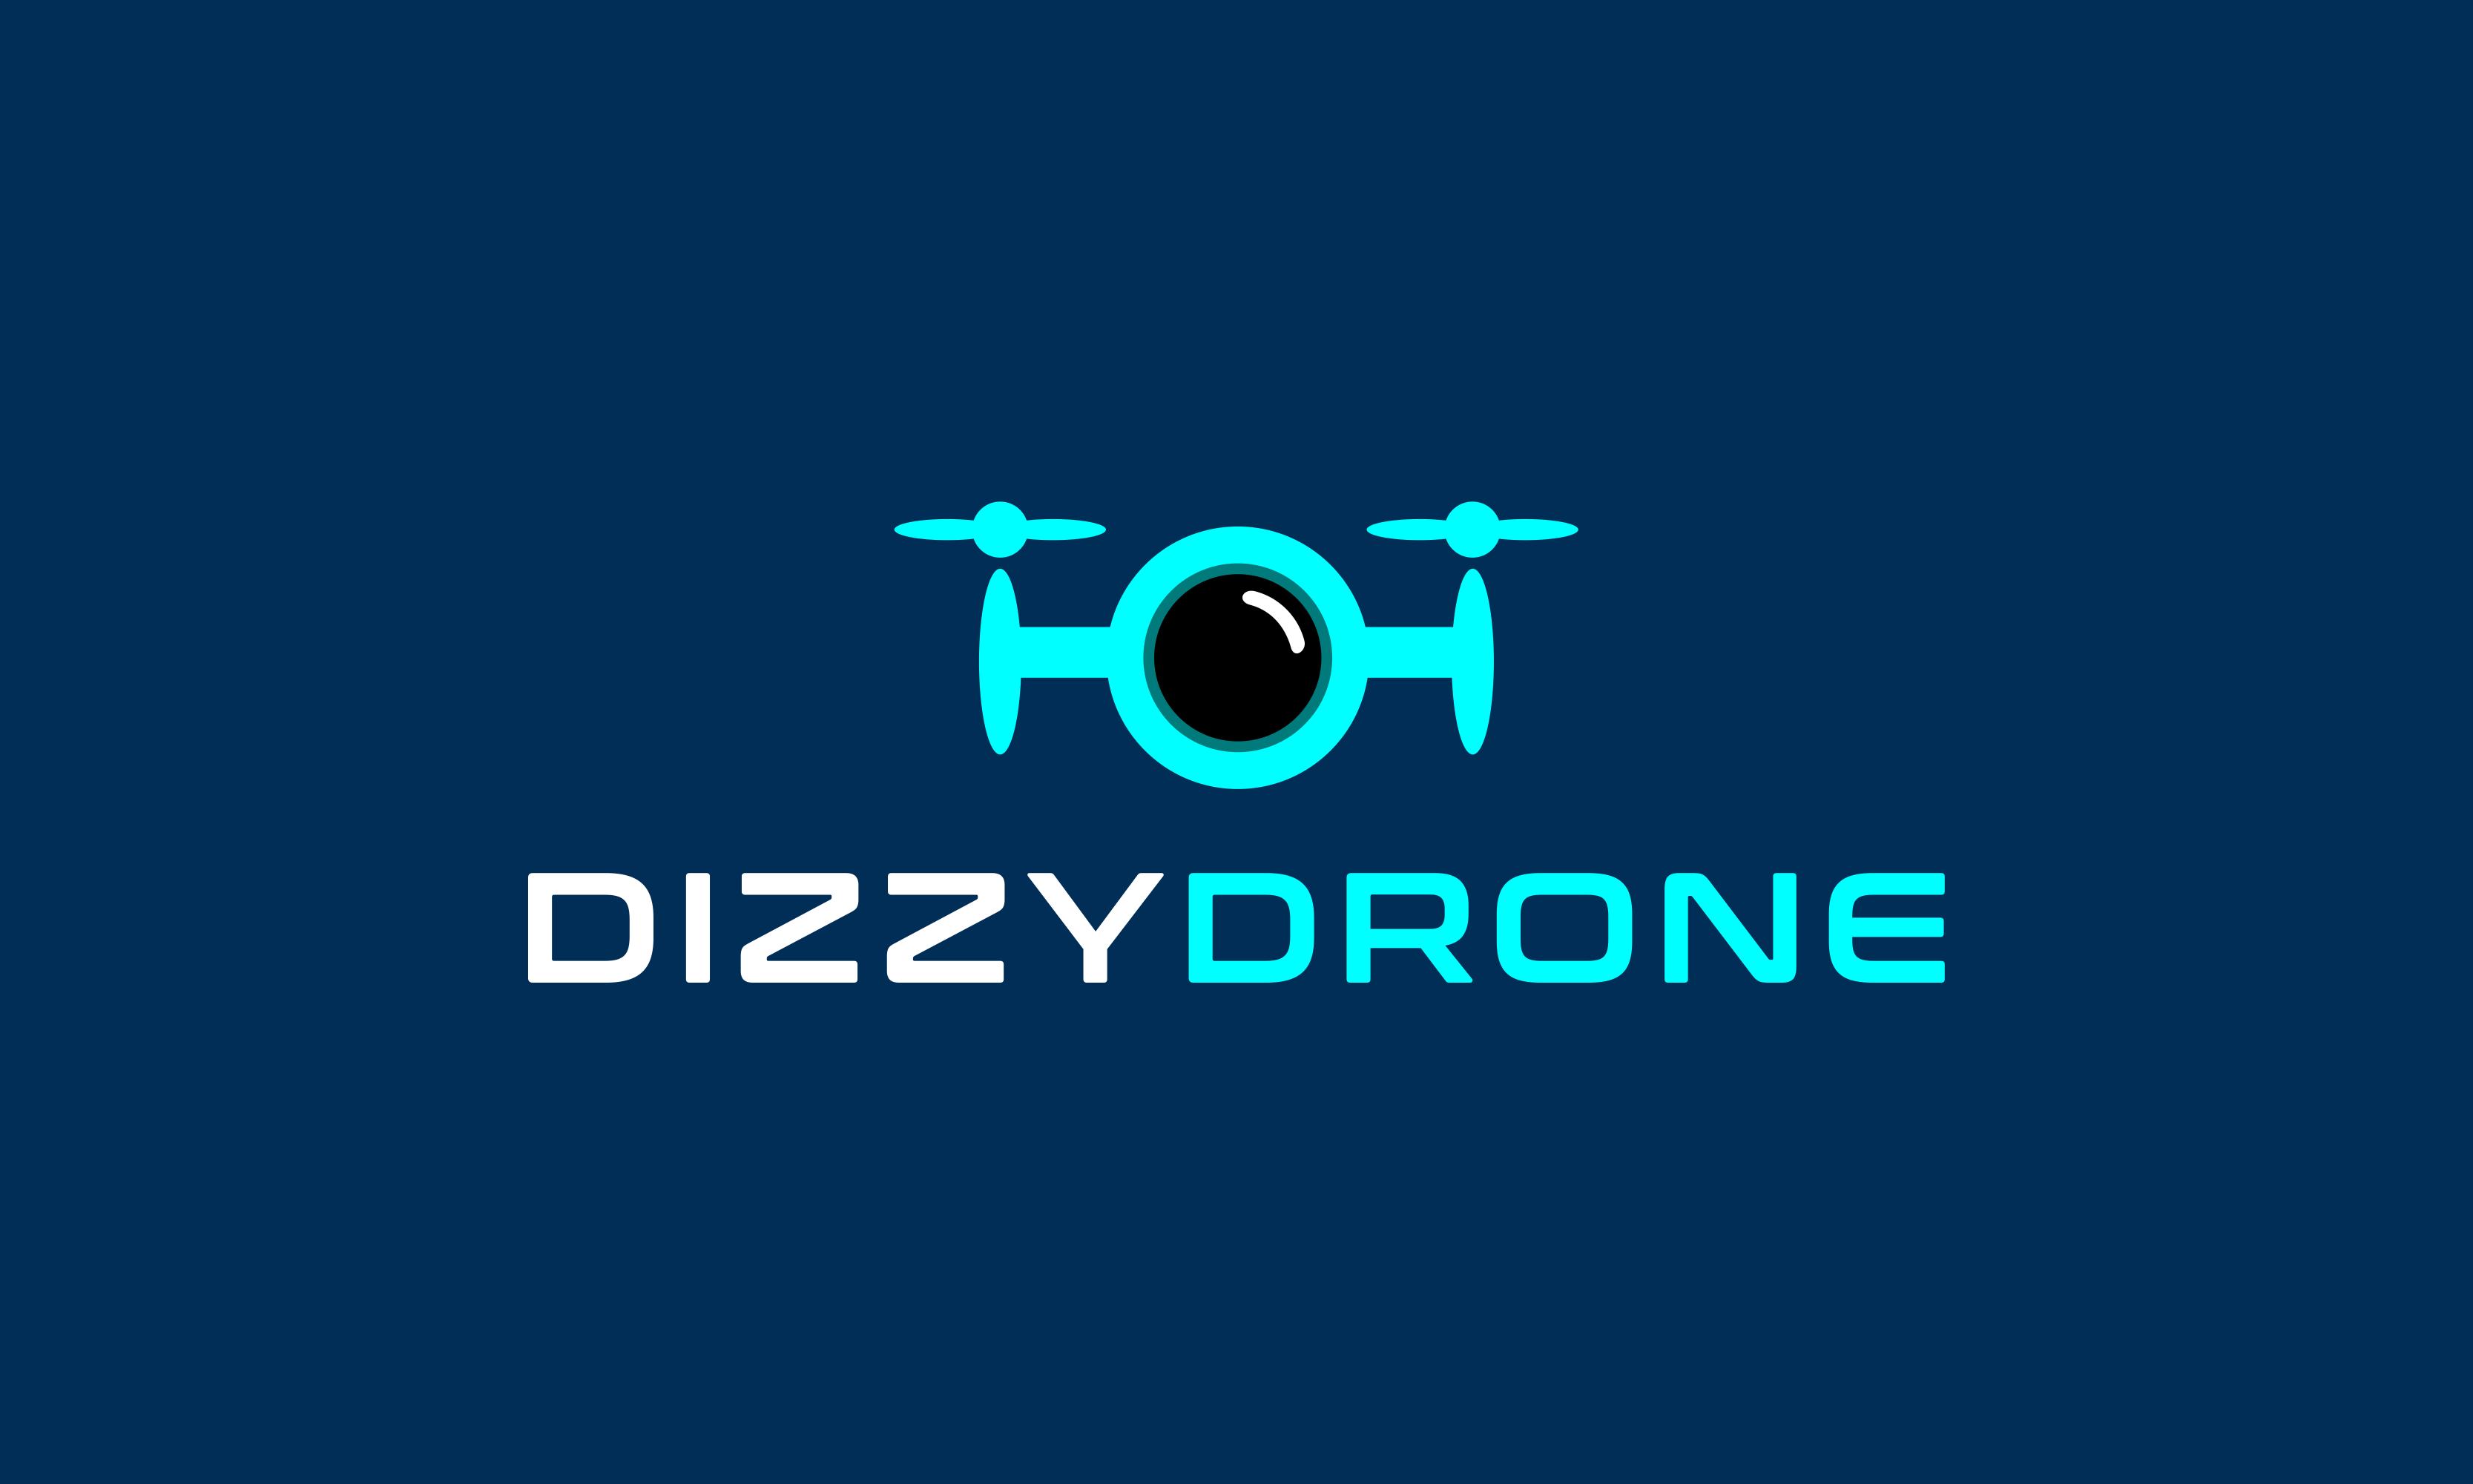 Dizzydrone